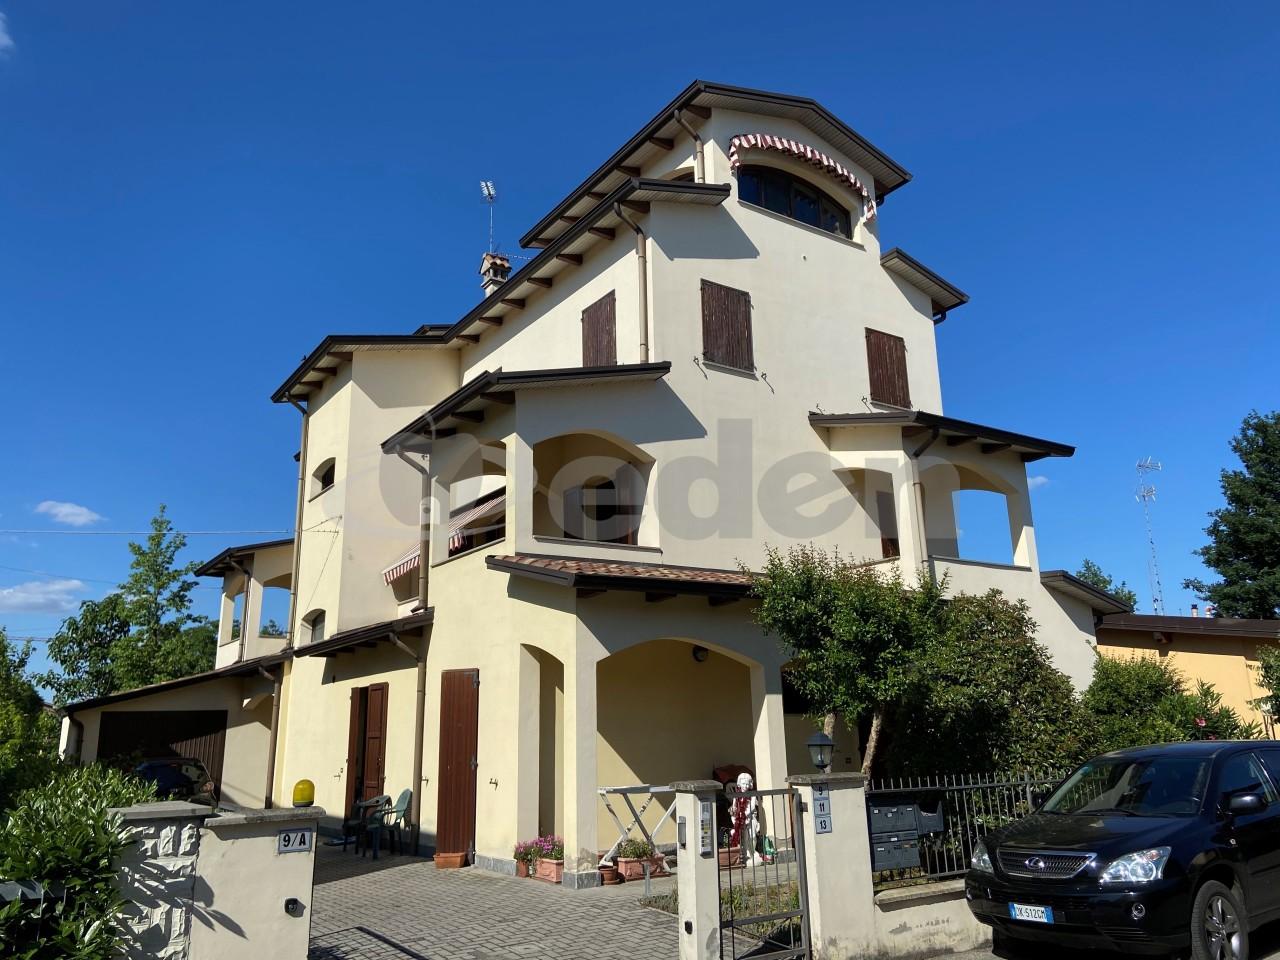 Appartamento in vendita a Castelfranco Emilia, 3 locali, prezzo € 110.000   PortaleAgenzieImmobiliari.it